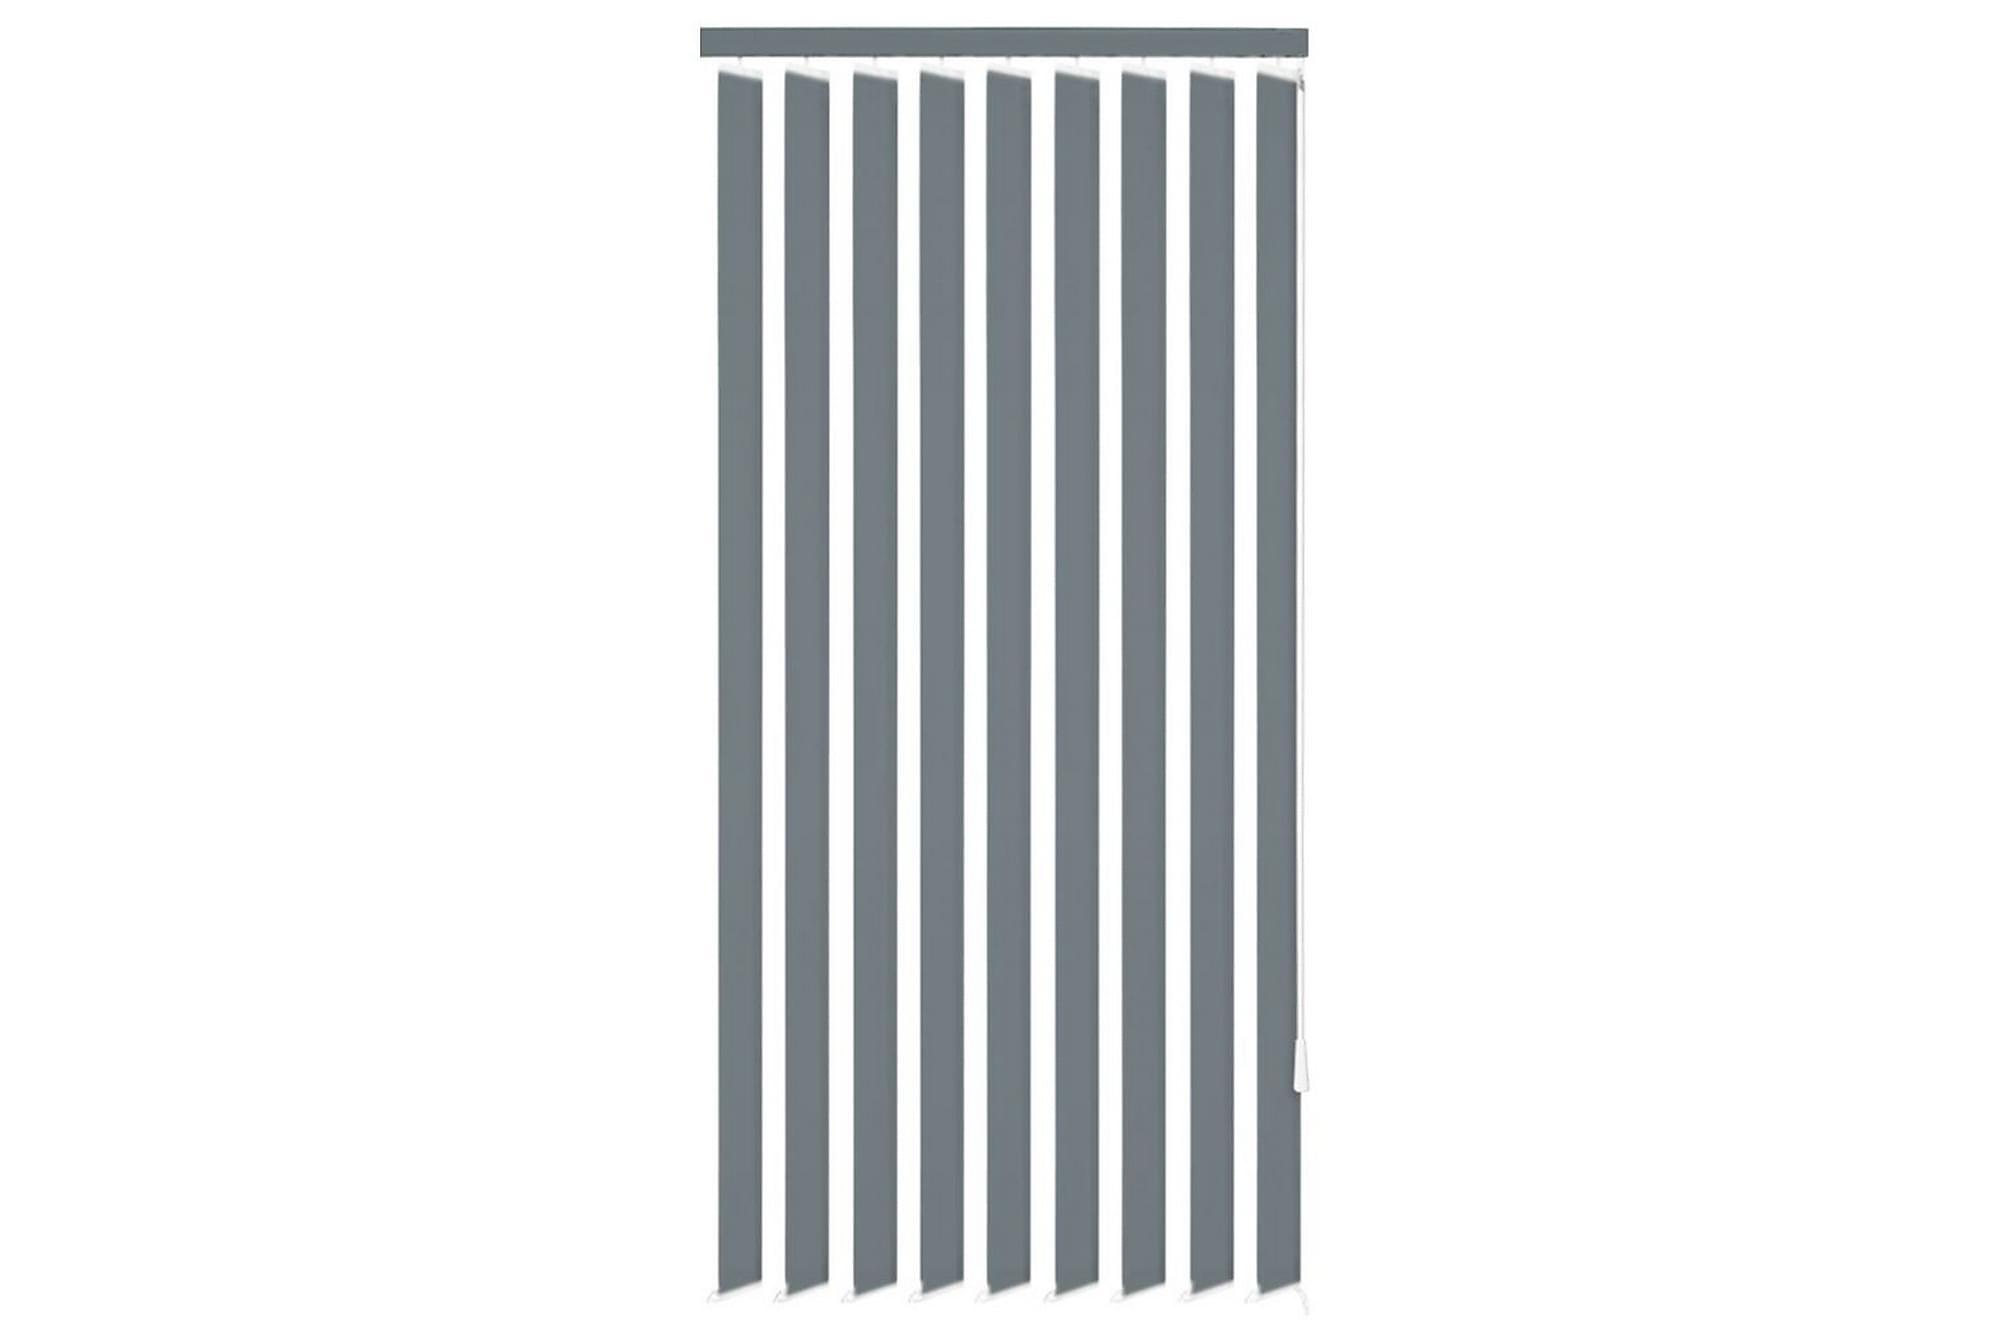 Draperi tygâ?¨ 120x180 cm grå, Presenningar